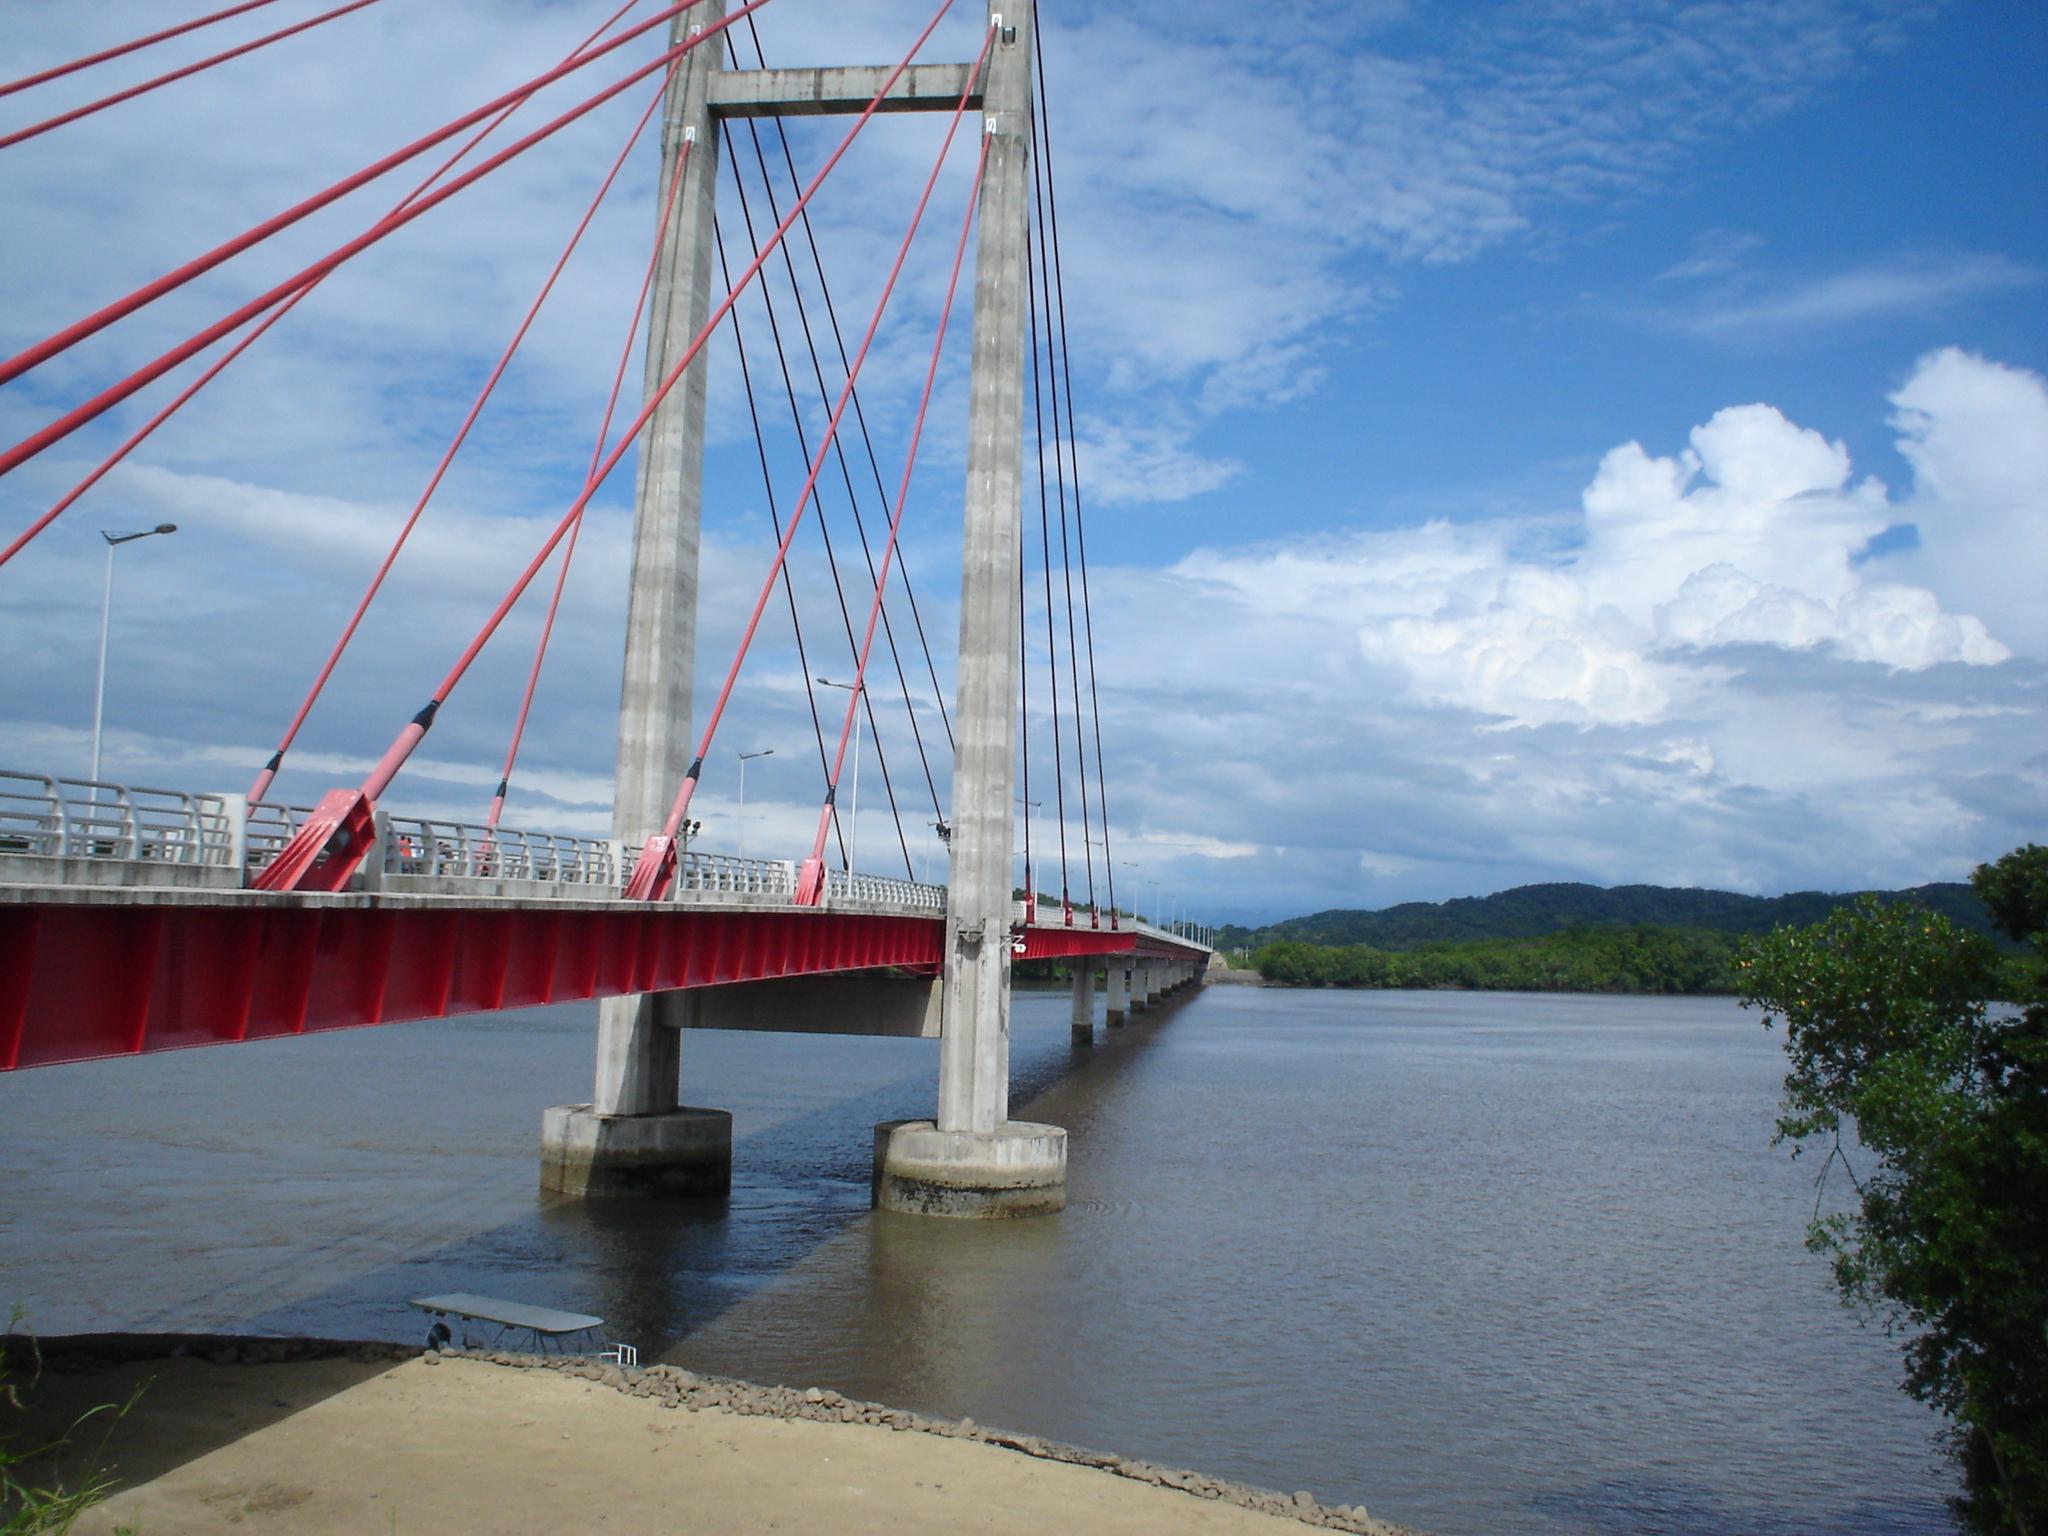 Proyecto de ley pretende crear peaje en el puente sobre río Tempisque